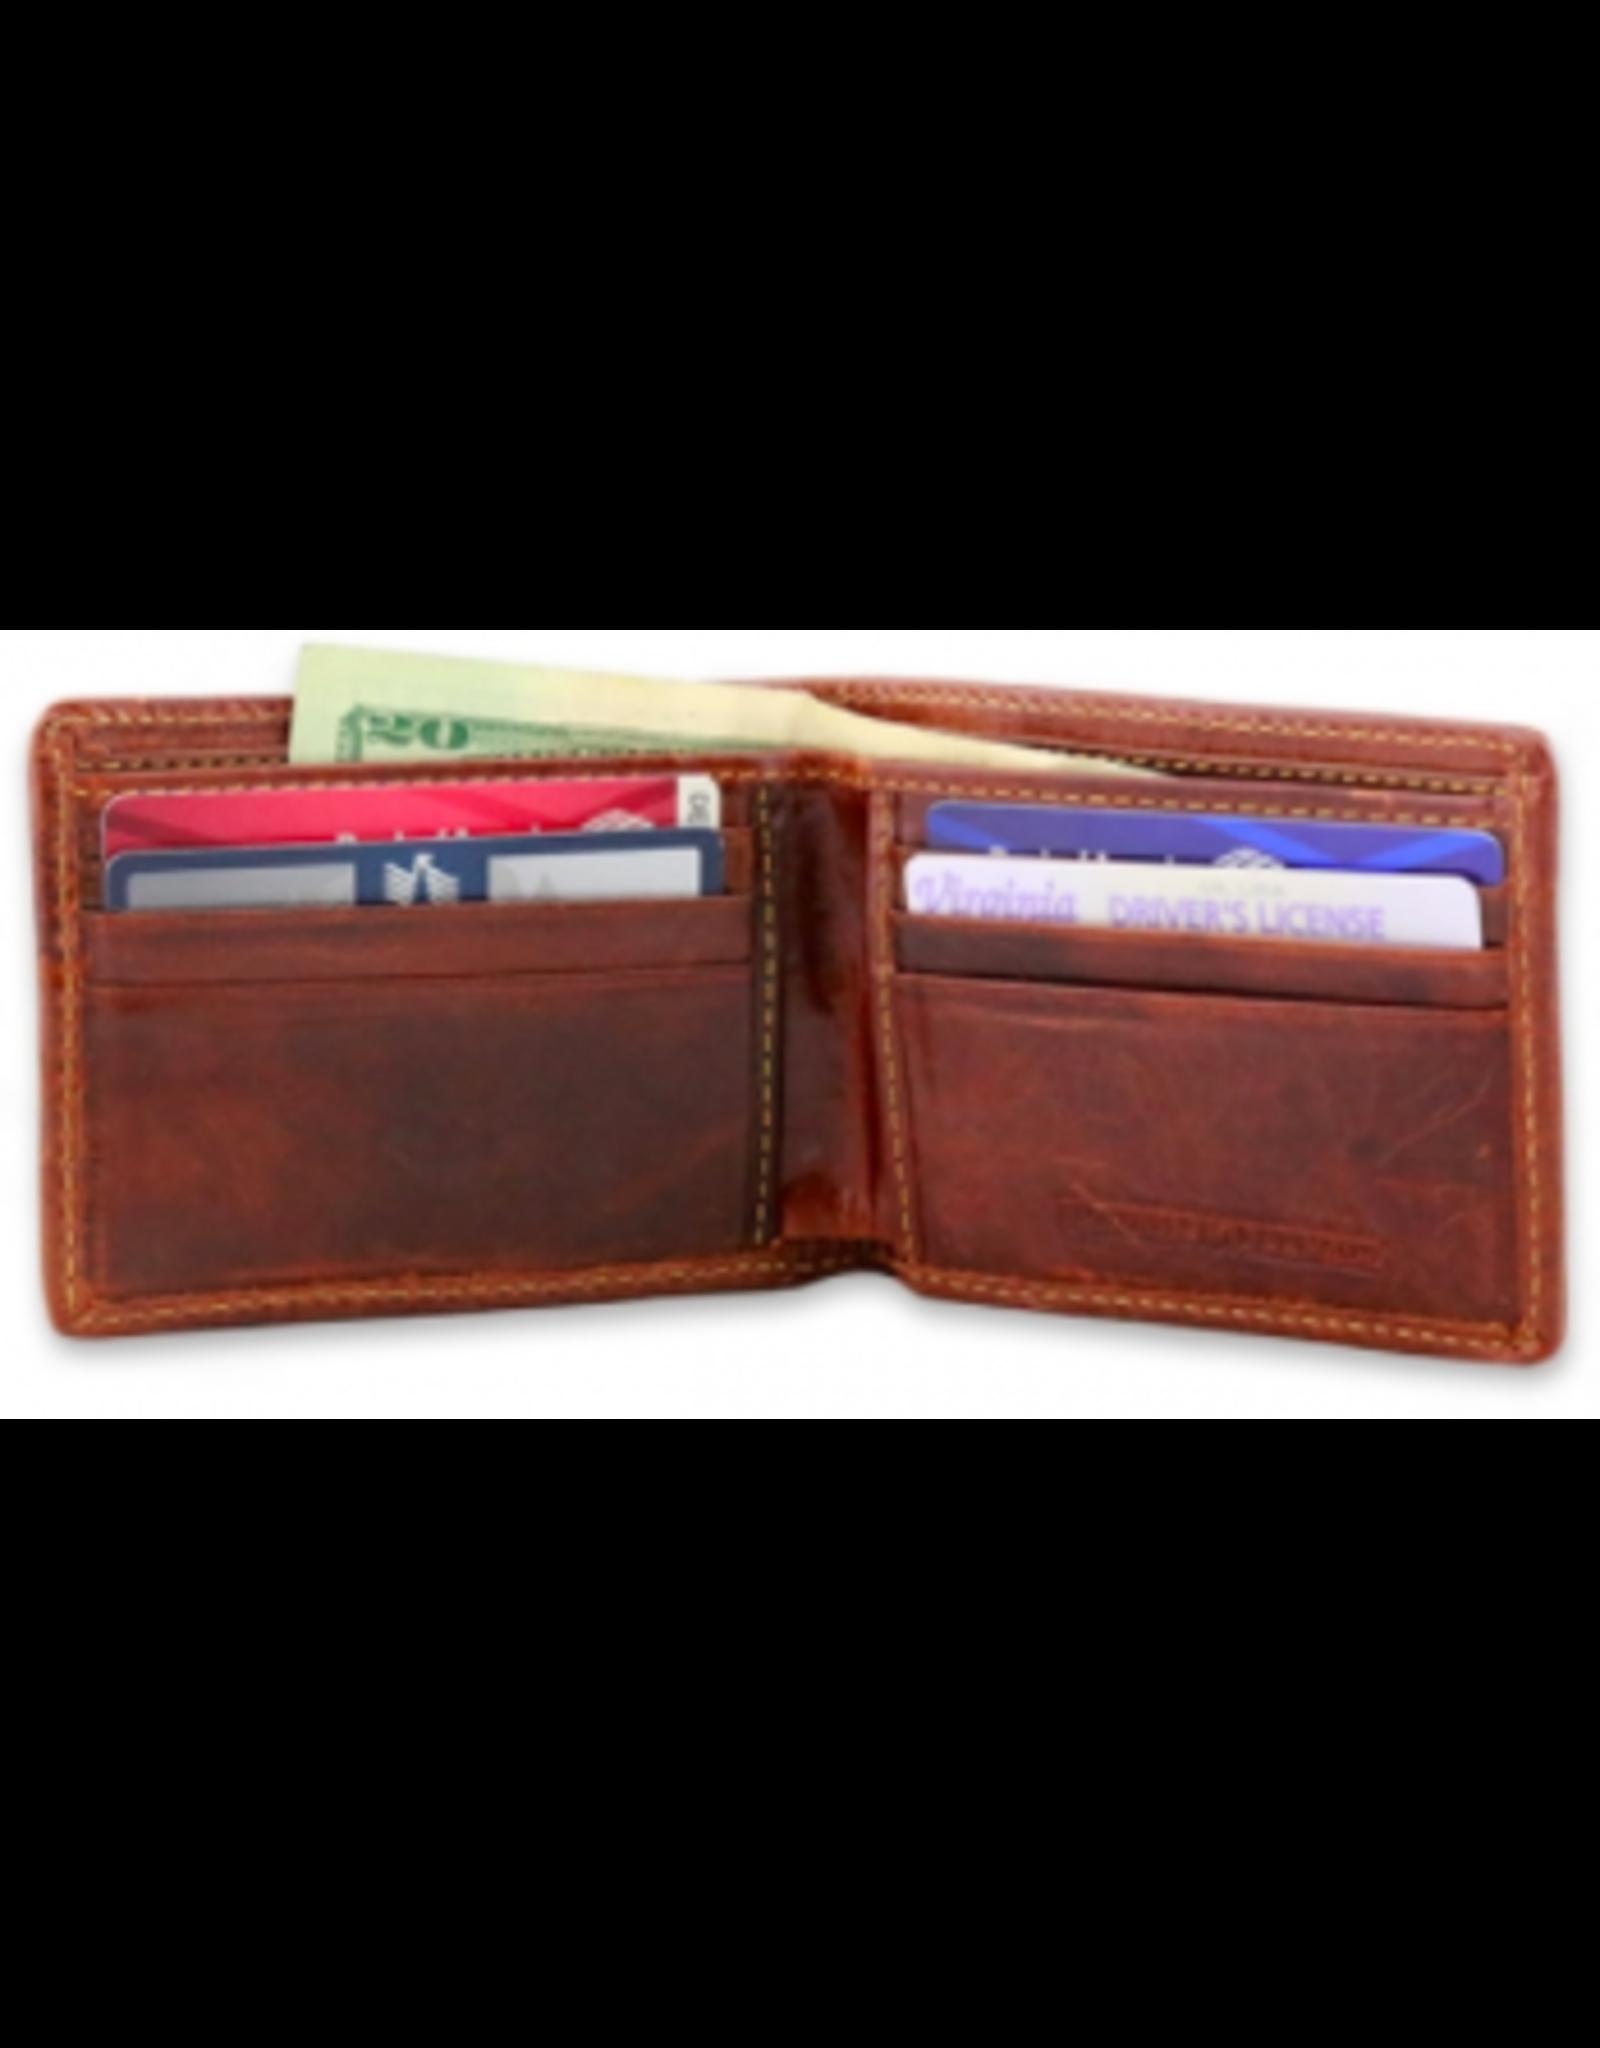 Smathers & Branson Black Lab Bi-Fold Wallet